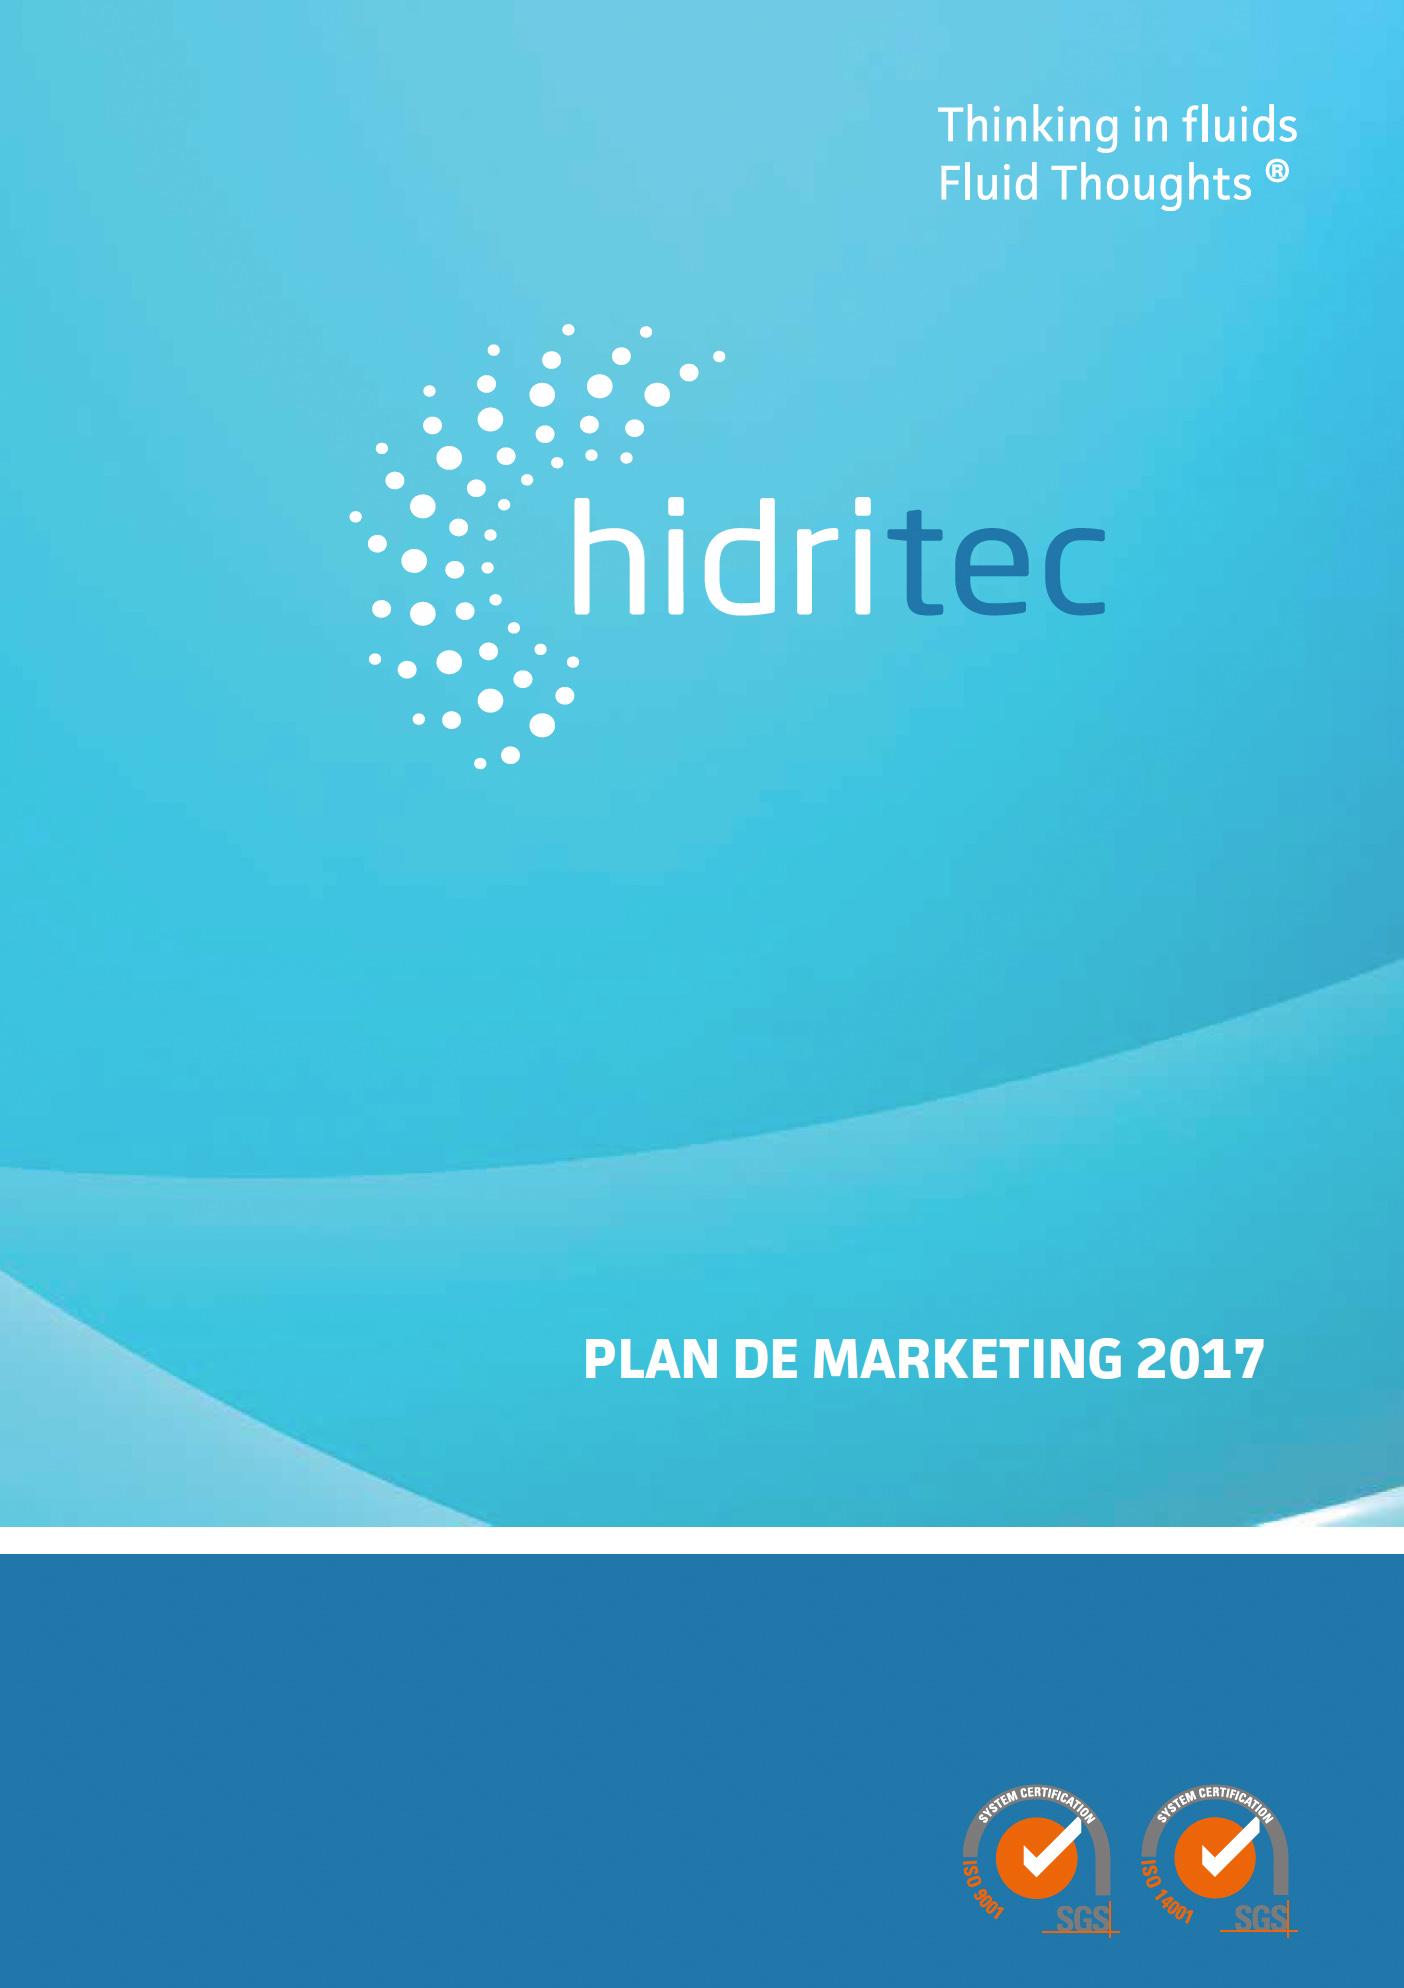 Plan de Marketing Hidritec